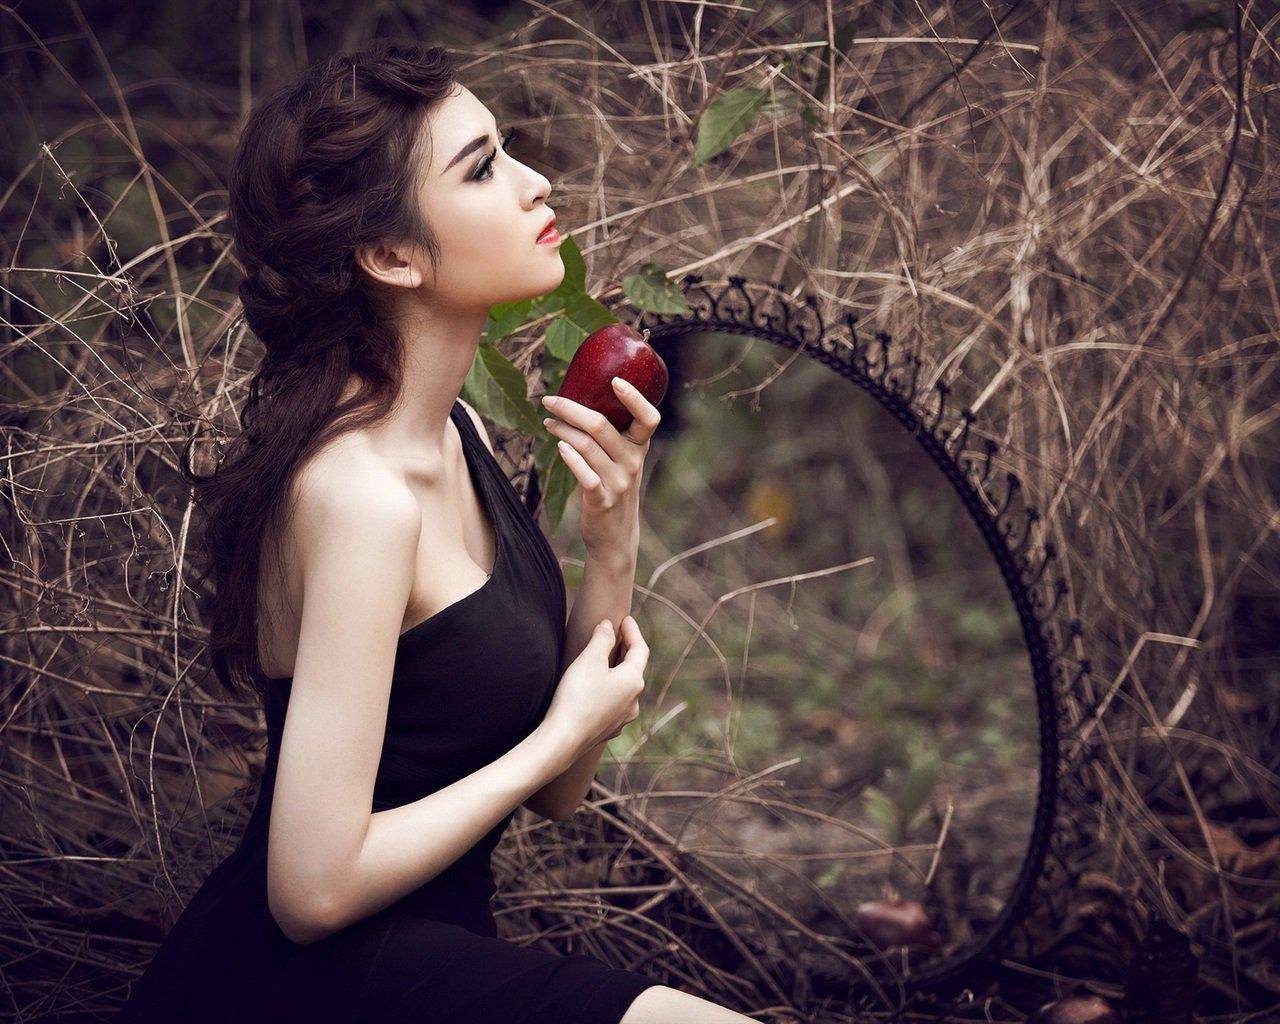 Сильный приворот на яблочный спас